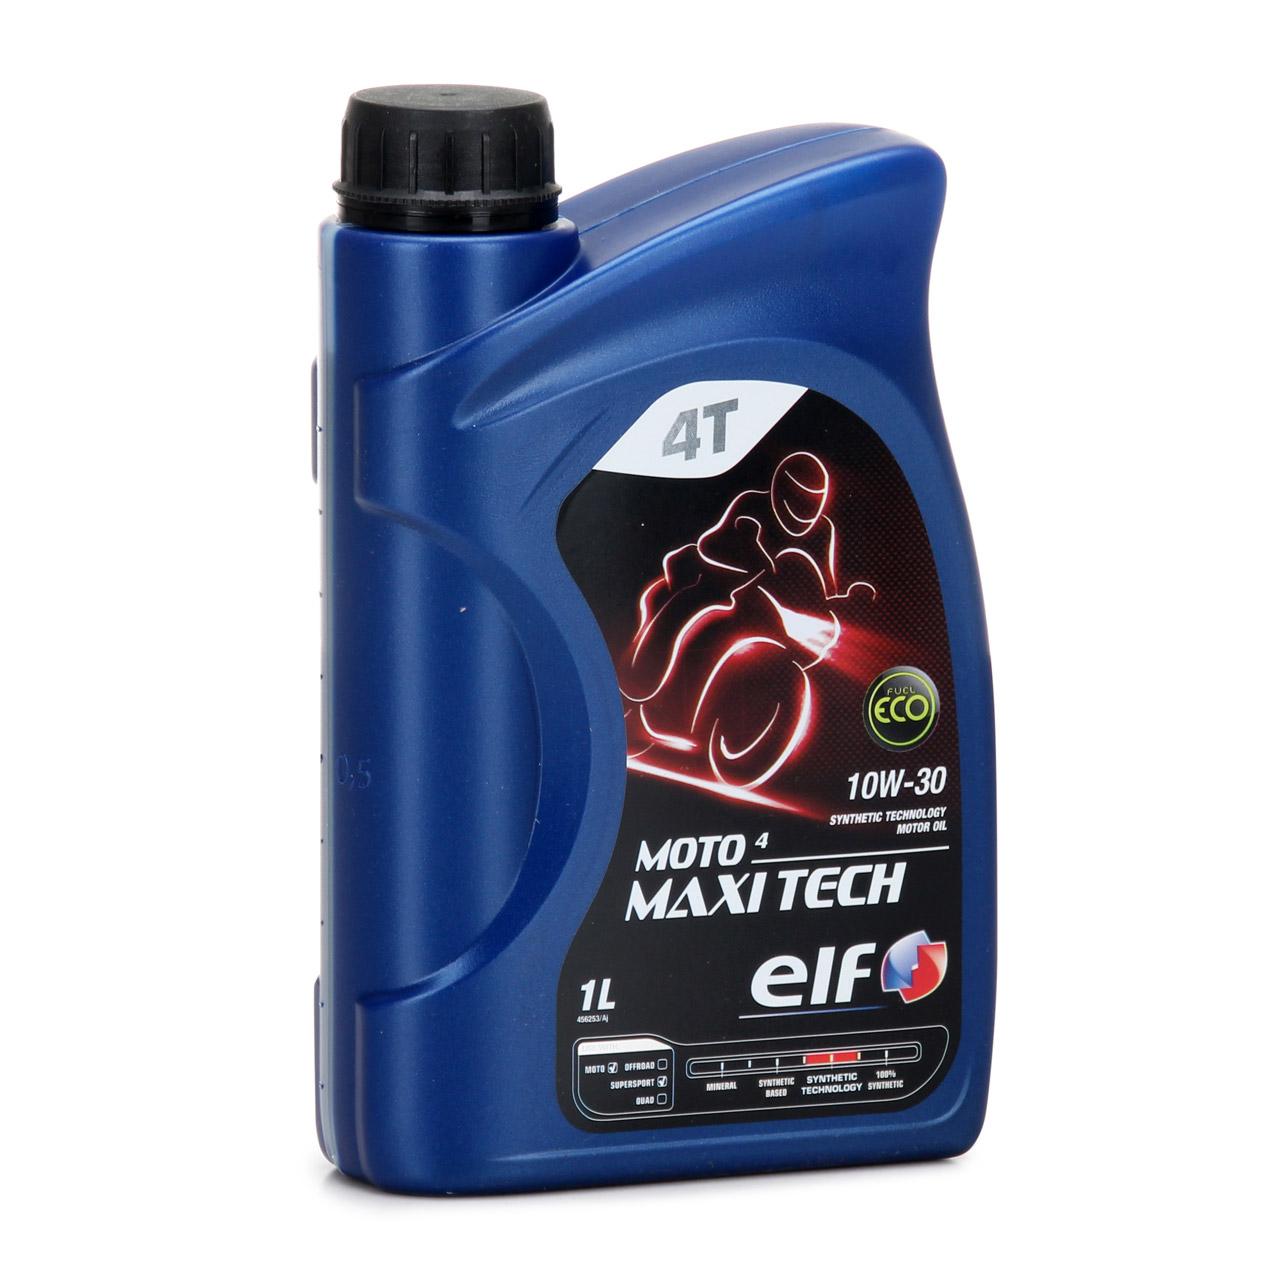 ELF Motoröl ÖL 4T 4-TAKT MOTO 4 MAXITECH 10W30 JASO MA API SJ - 2L 2 Liter